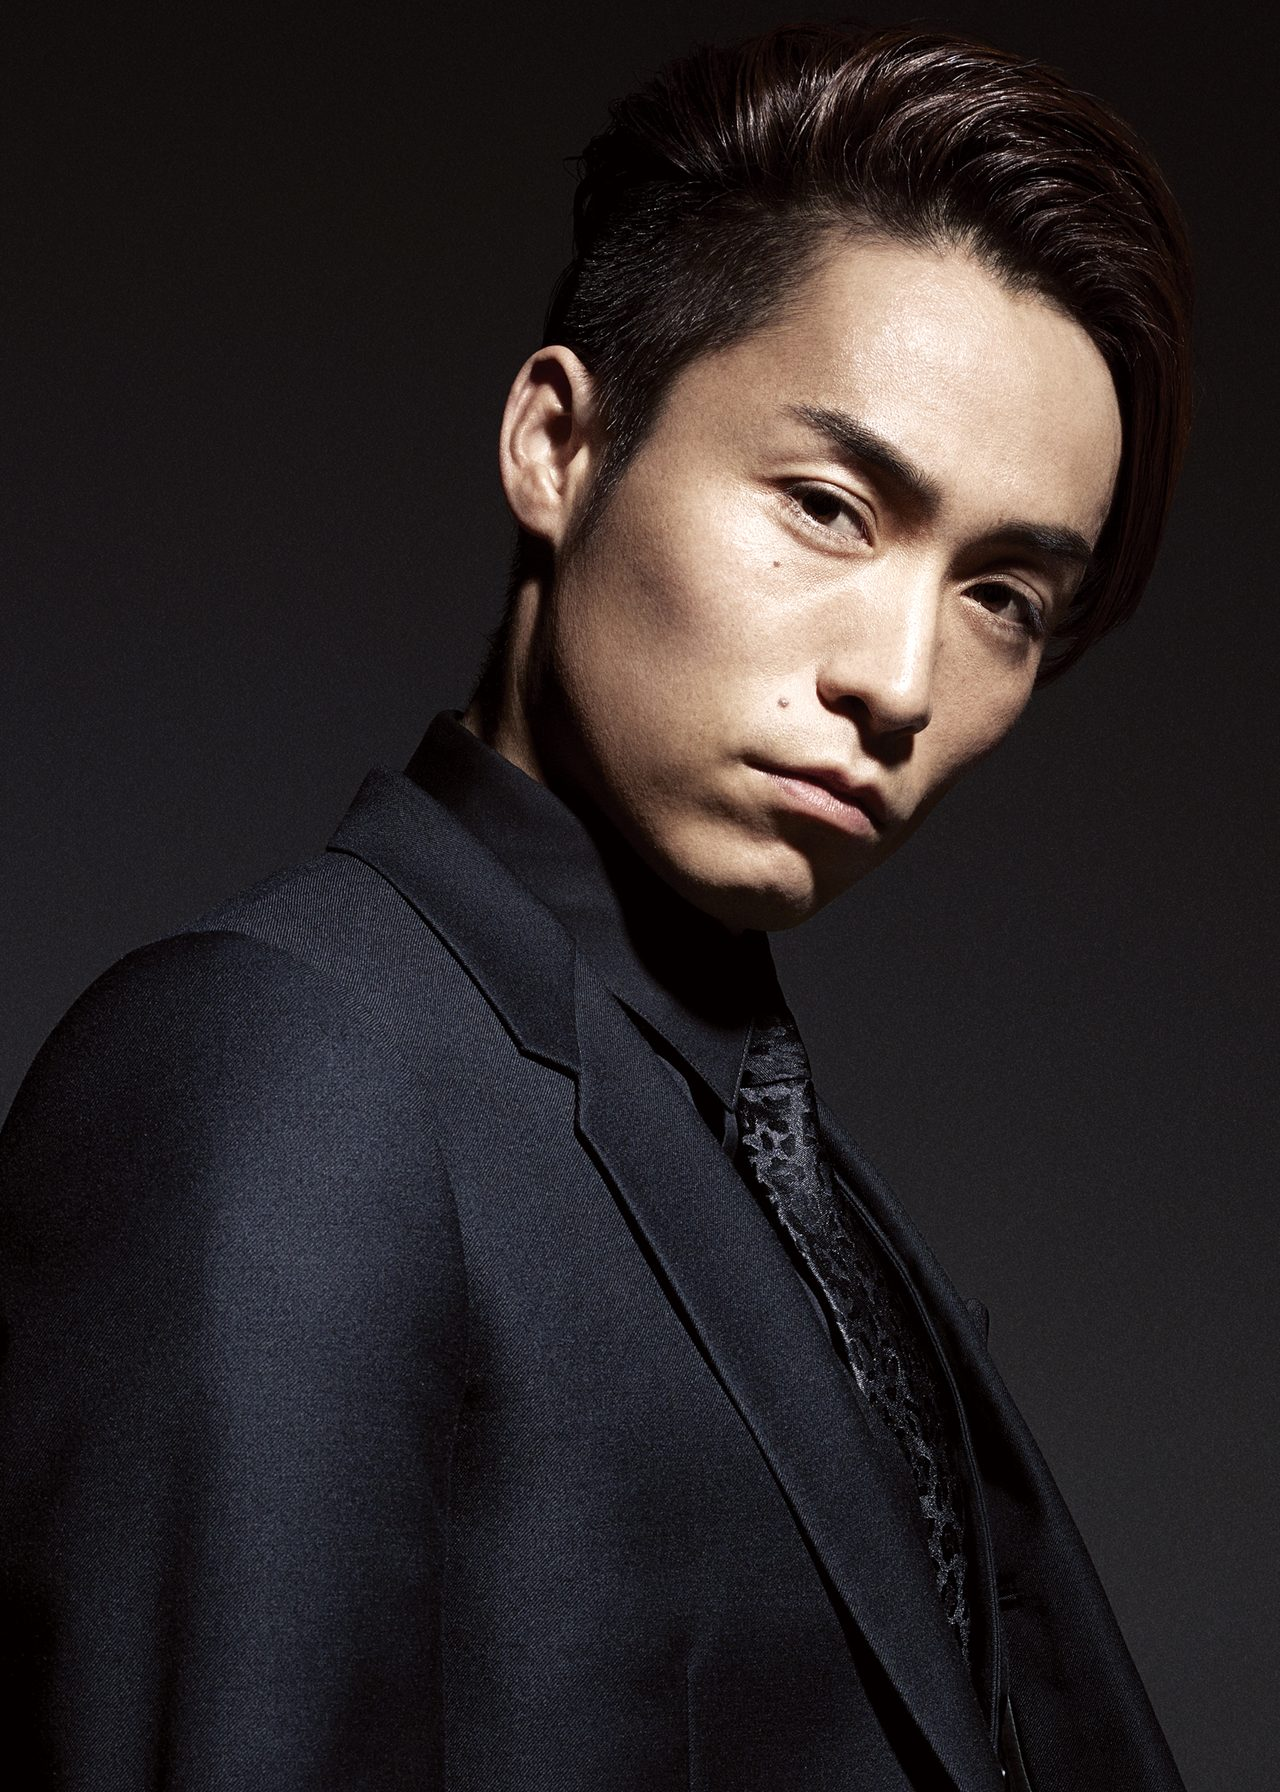 画像: 神奈川県横須賀市出身。19歳からダンスを始め、横須賀、横浜、東京などのクラブイベントで活動。ダンススクール「EXPG」にてインストラクターをしながら、さまざまなアーティストのバックダンサーとして活動。2007年1月、新生J Soul Brothersのメンバーに抜擢され、2009年2月にデビュー。同3月1日からはEXILEのパフォーマーとして多方面で活躍。 http://www.tokyoheadline.com/blog/danceexile_tetsuya/